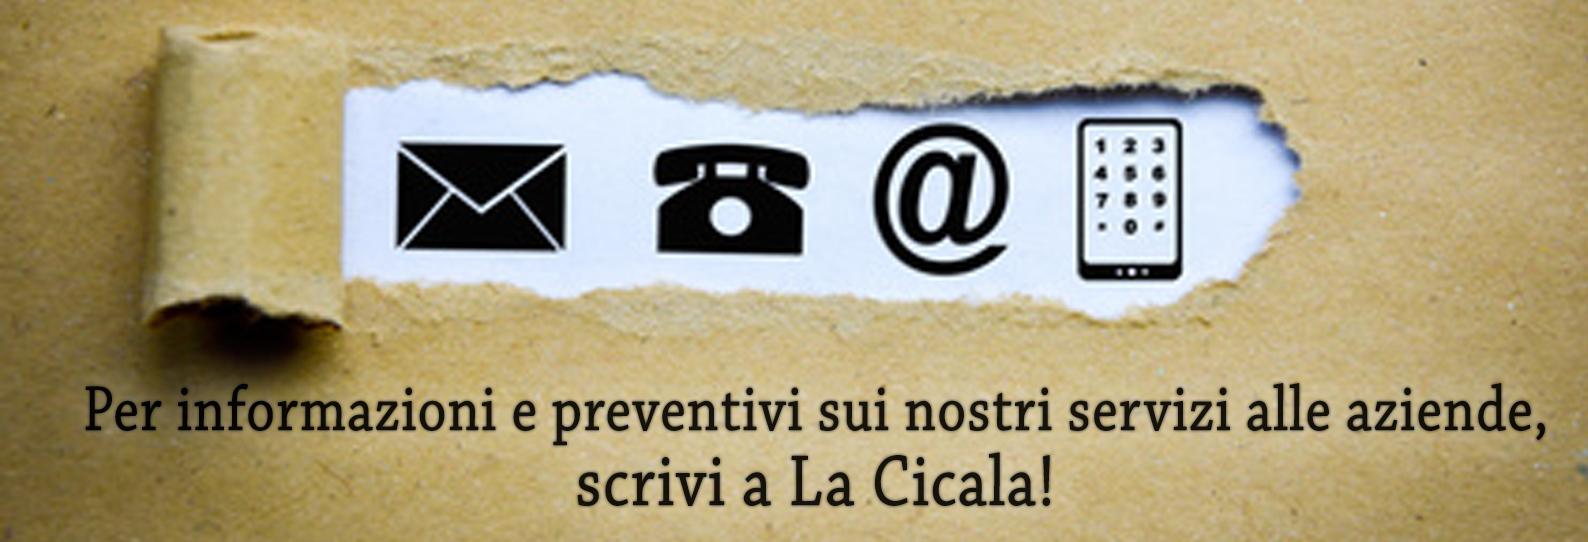 LaCicala_sito pll_banner_scrivi